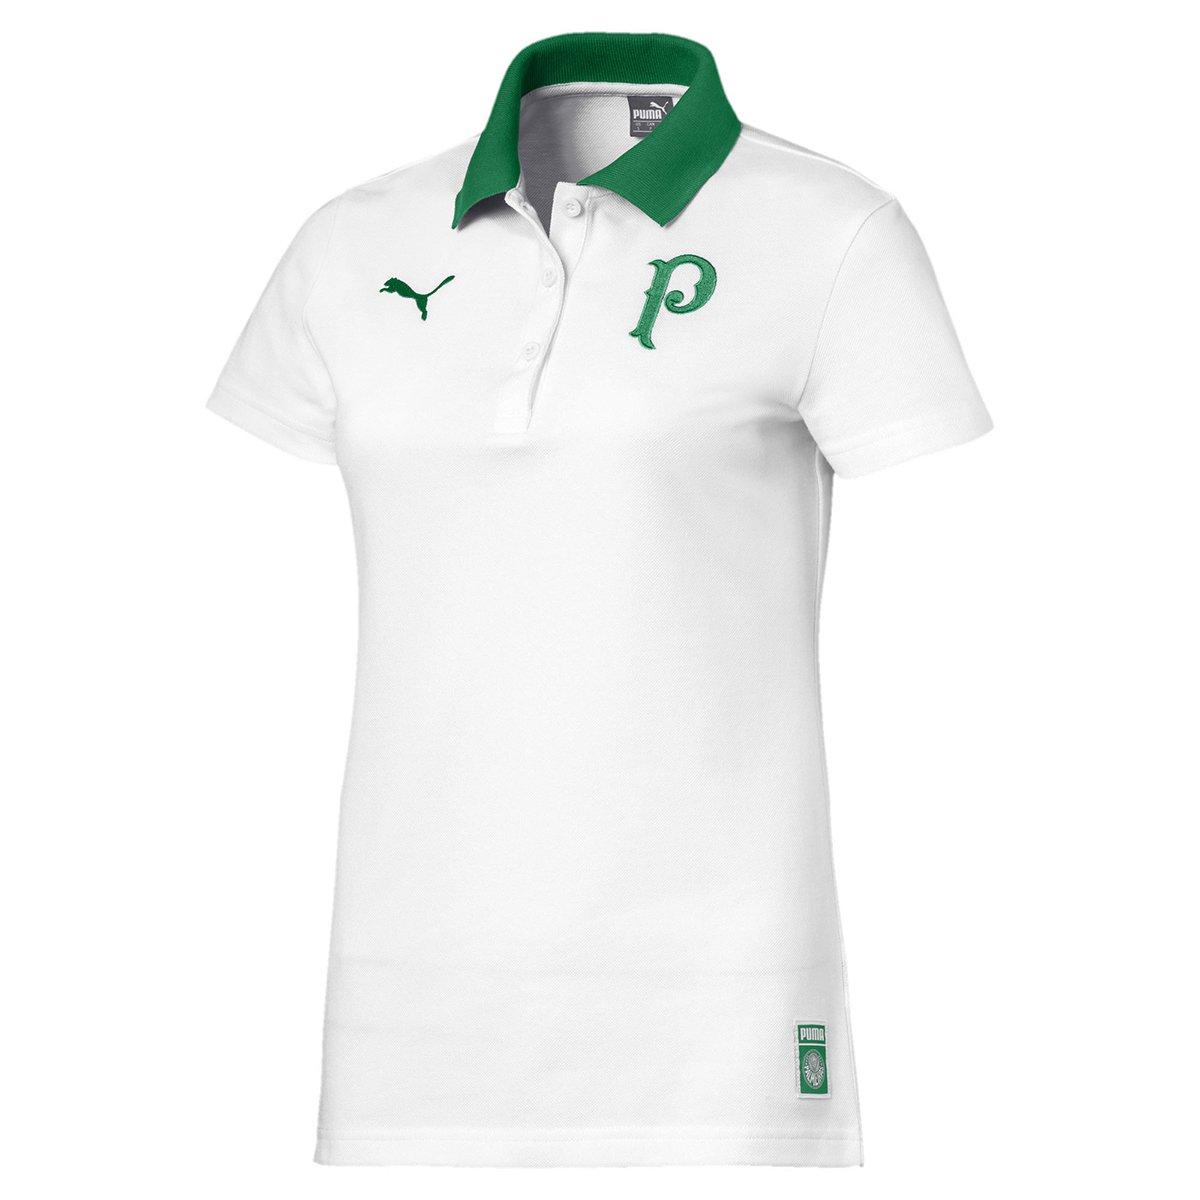 ae3f936c0eaf6 Camisa Polo Palmeiras 19 20 Puma Feminina - Branco e Verde - Compre Agora